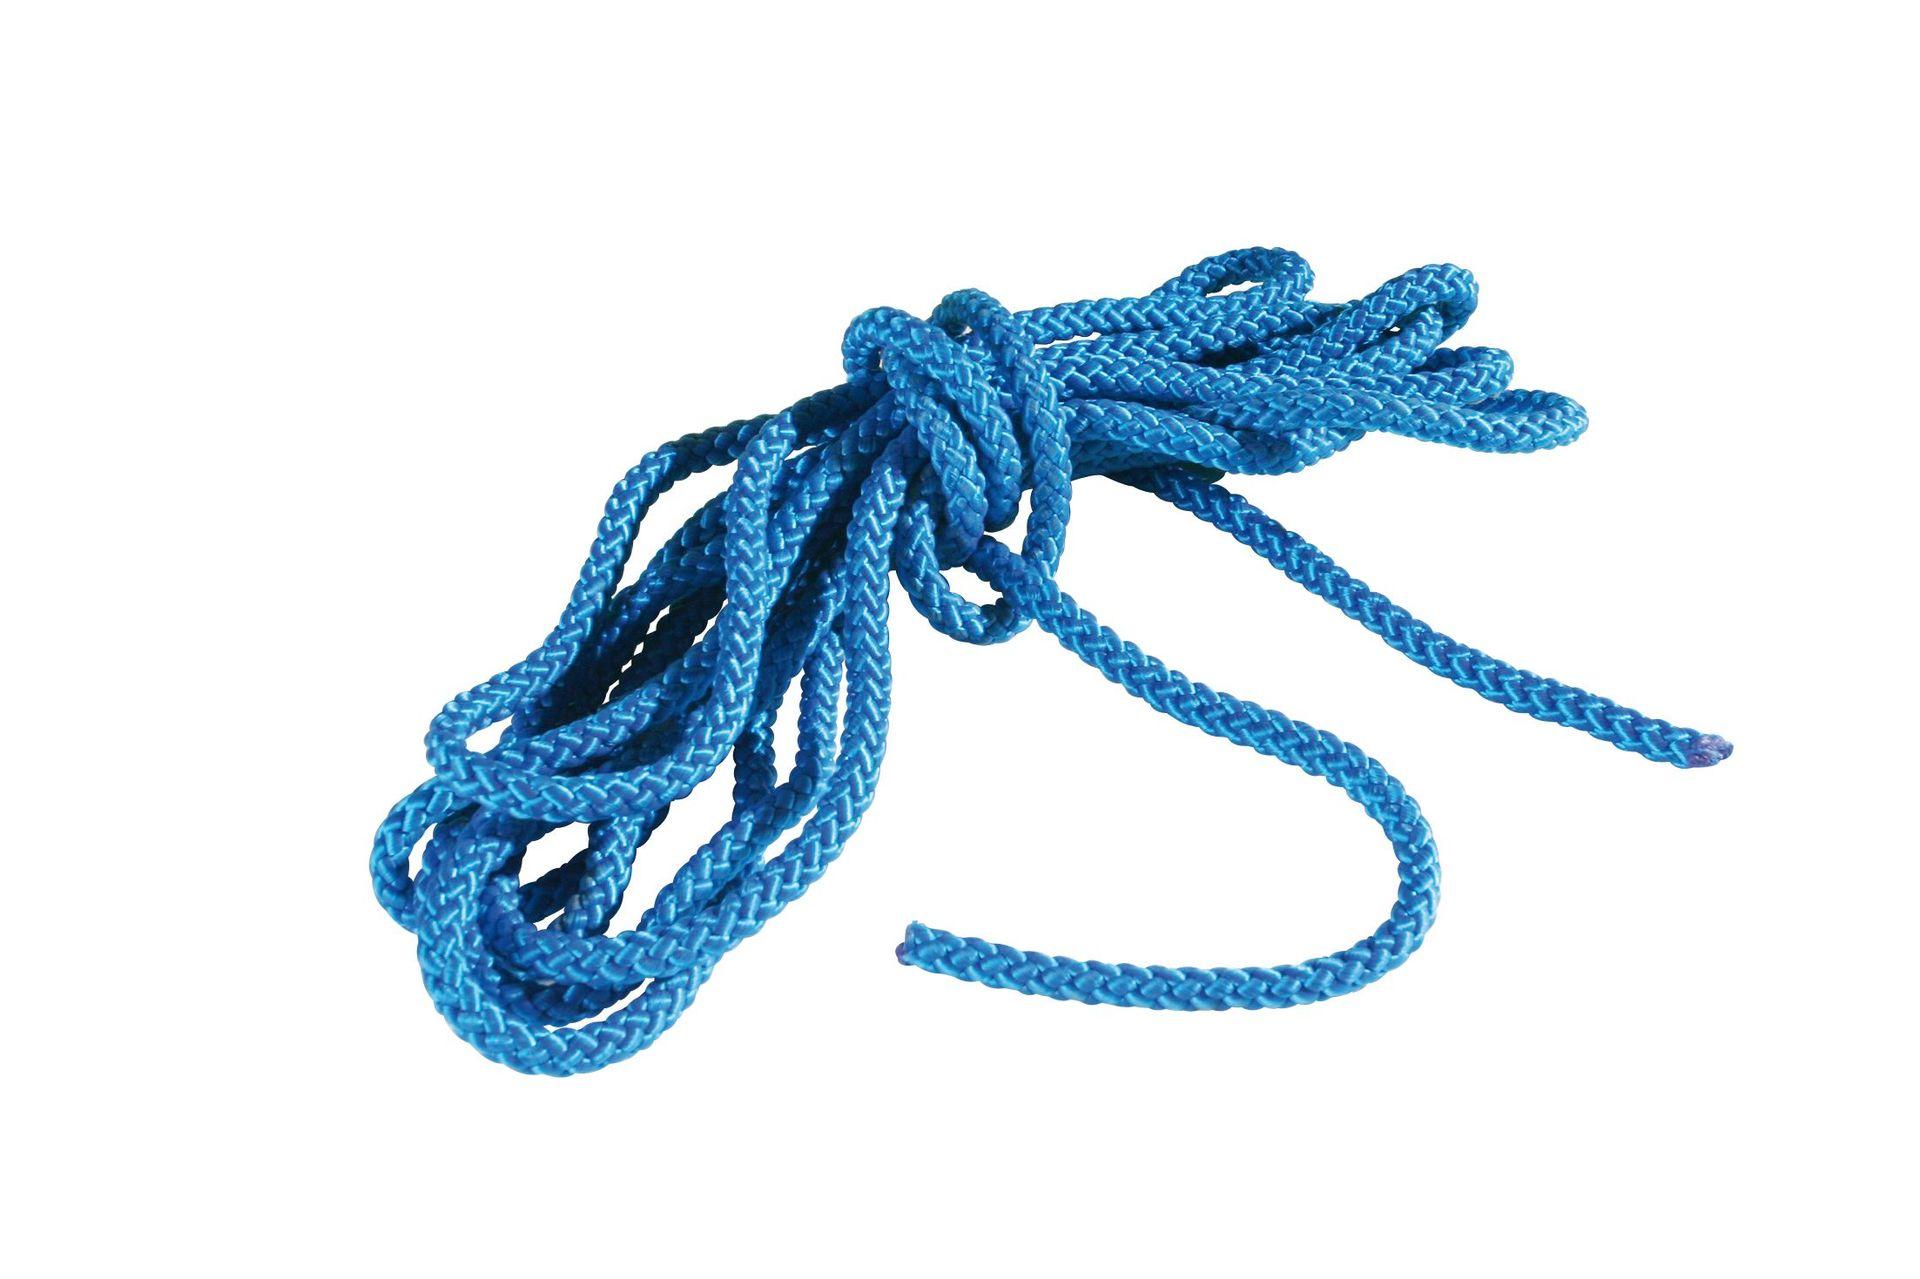 Schwungseil blau, 5,6 m